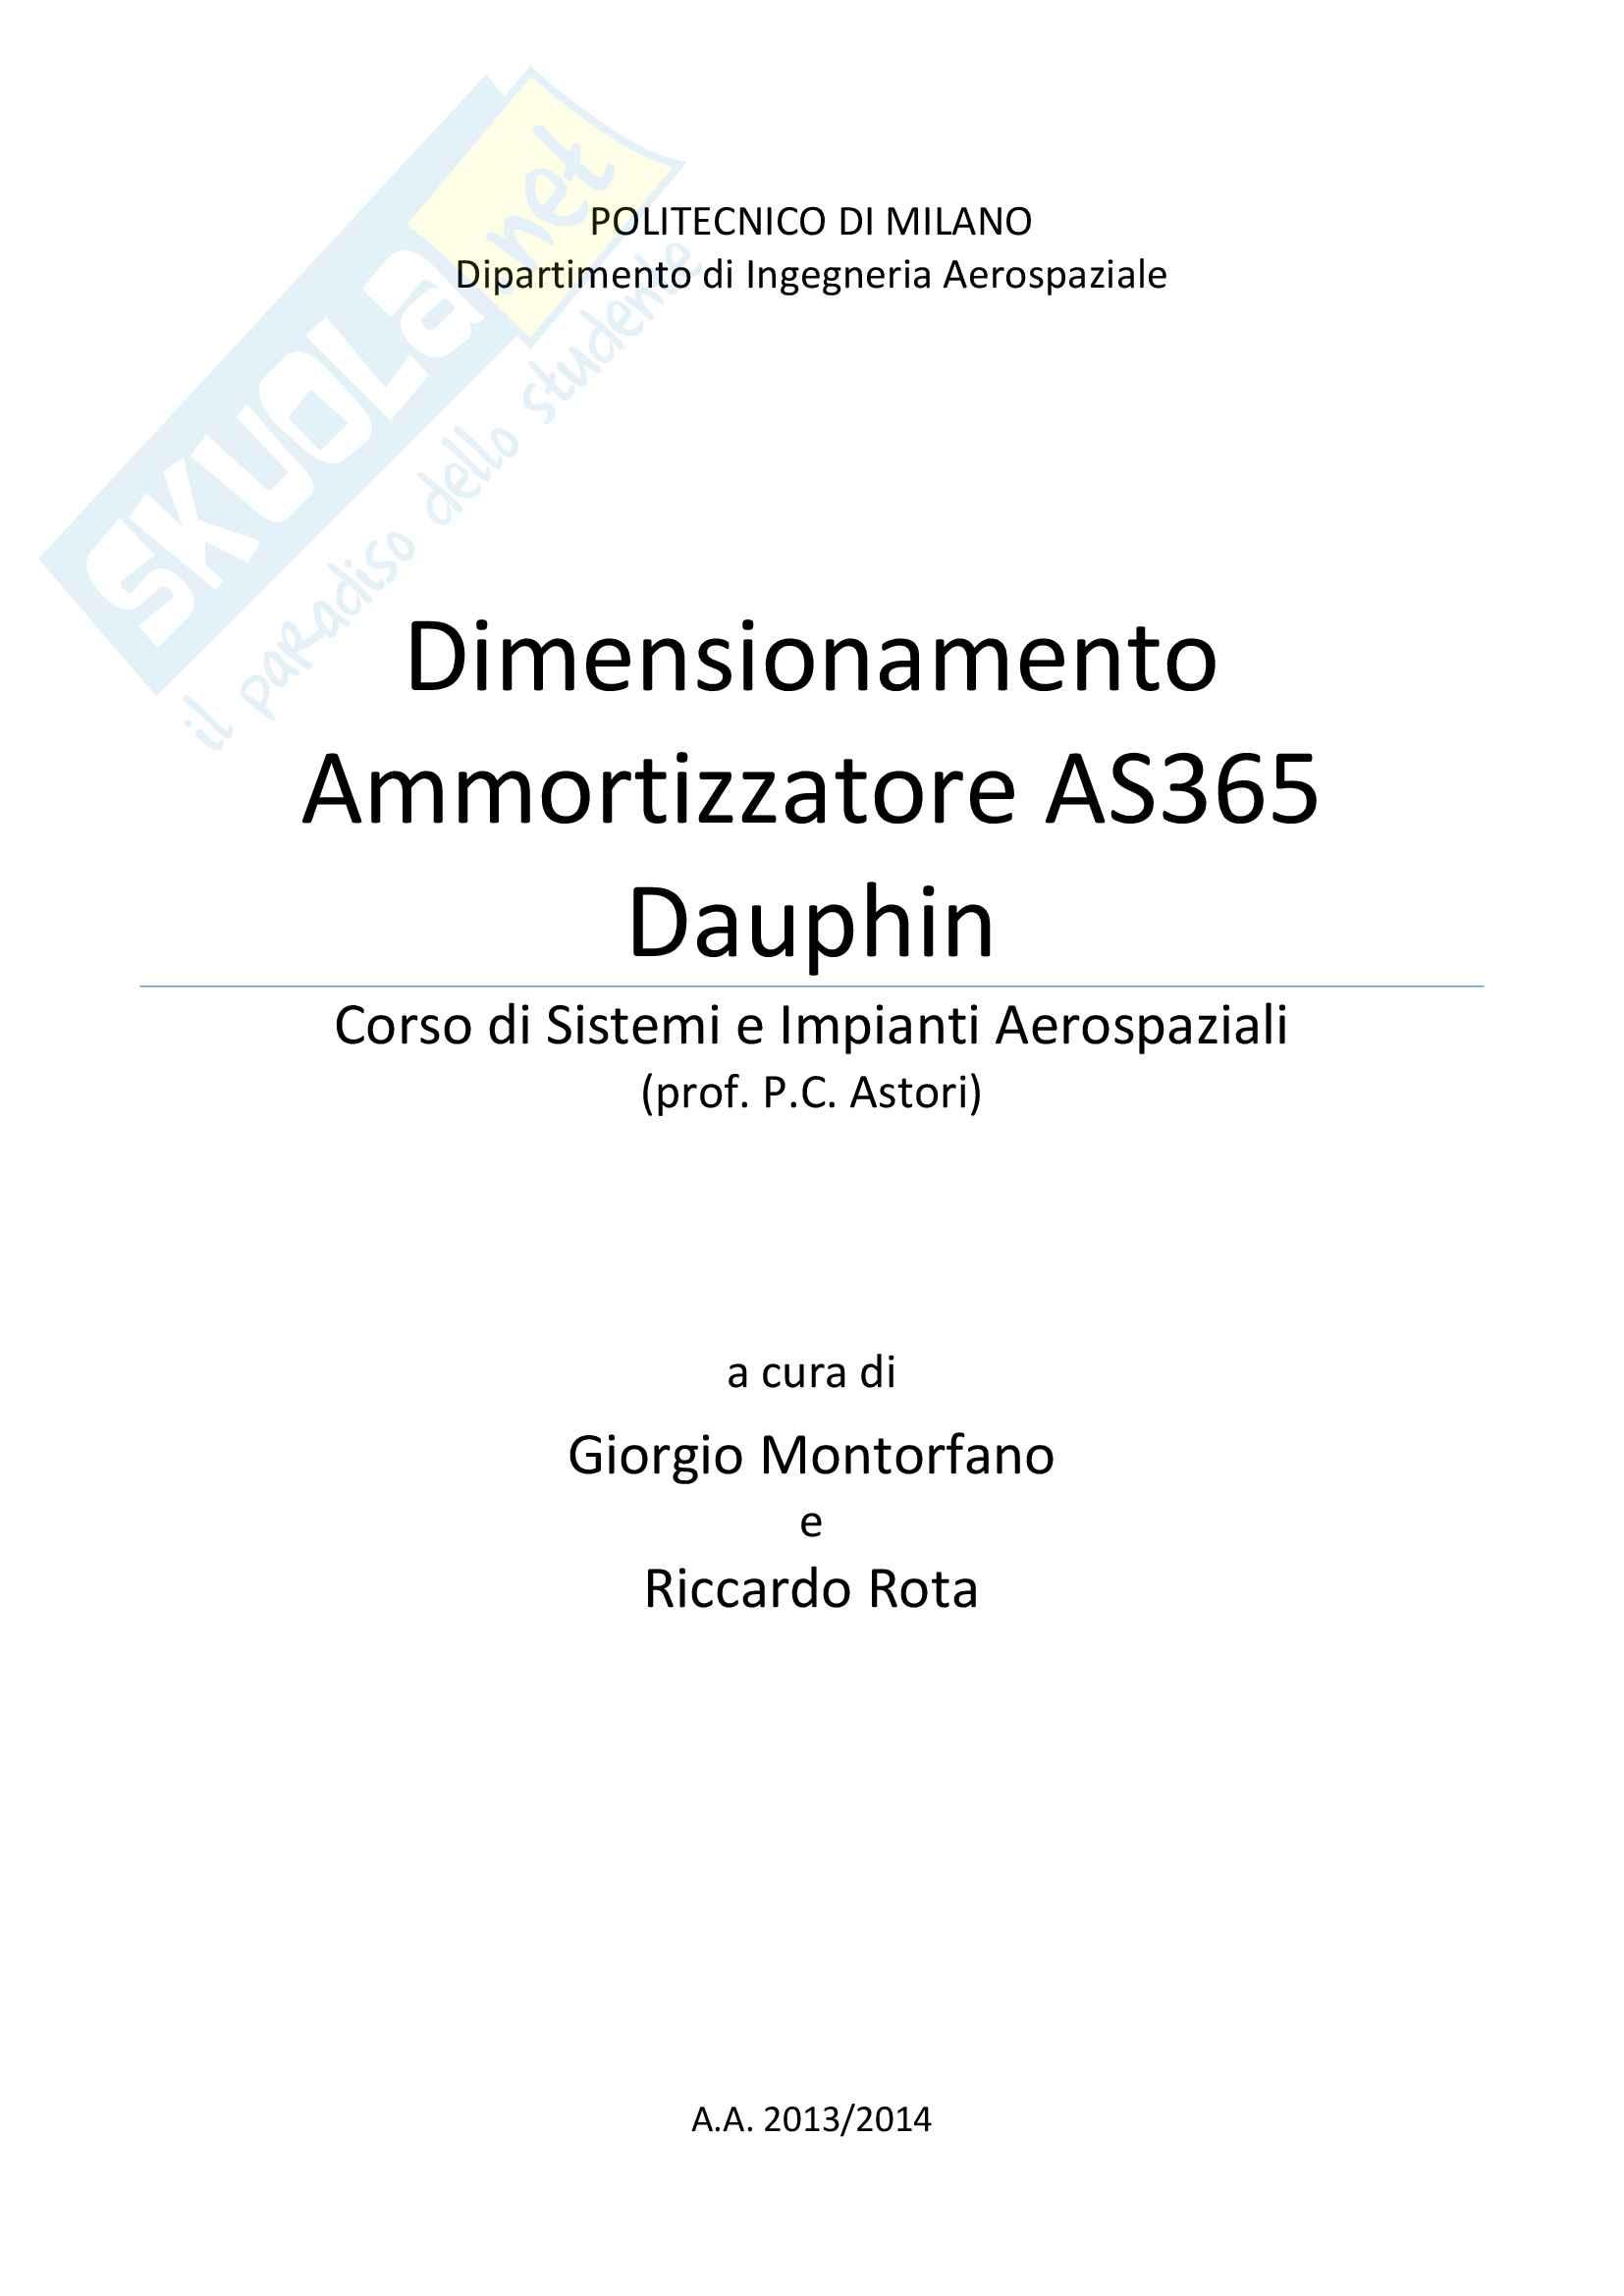 Dimensionamento Ammortizzatore AS365 Dauphin